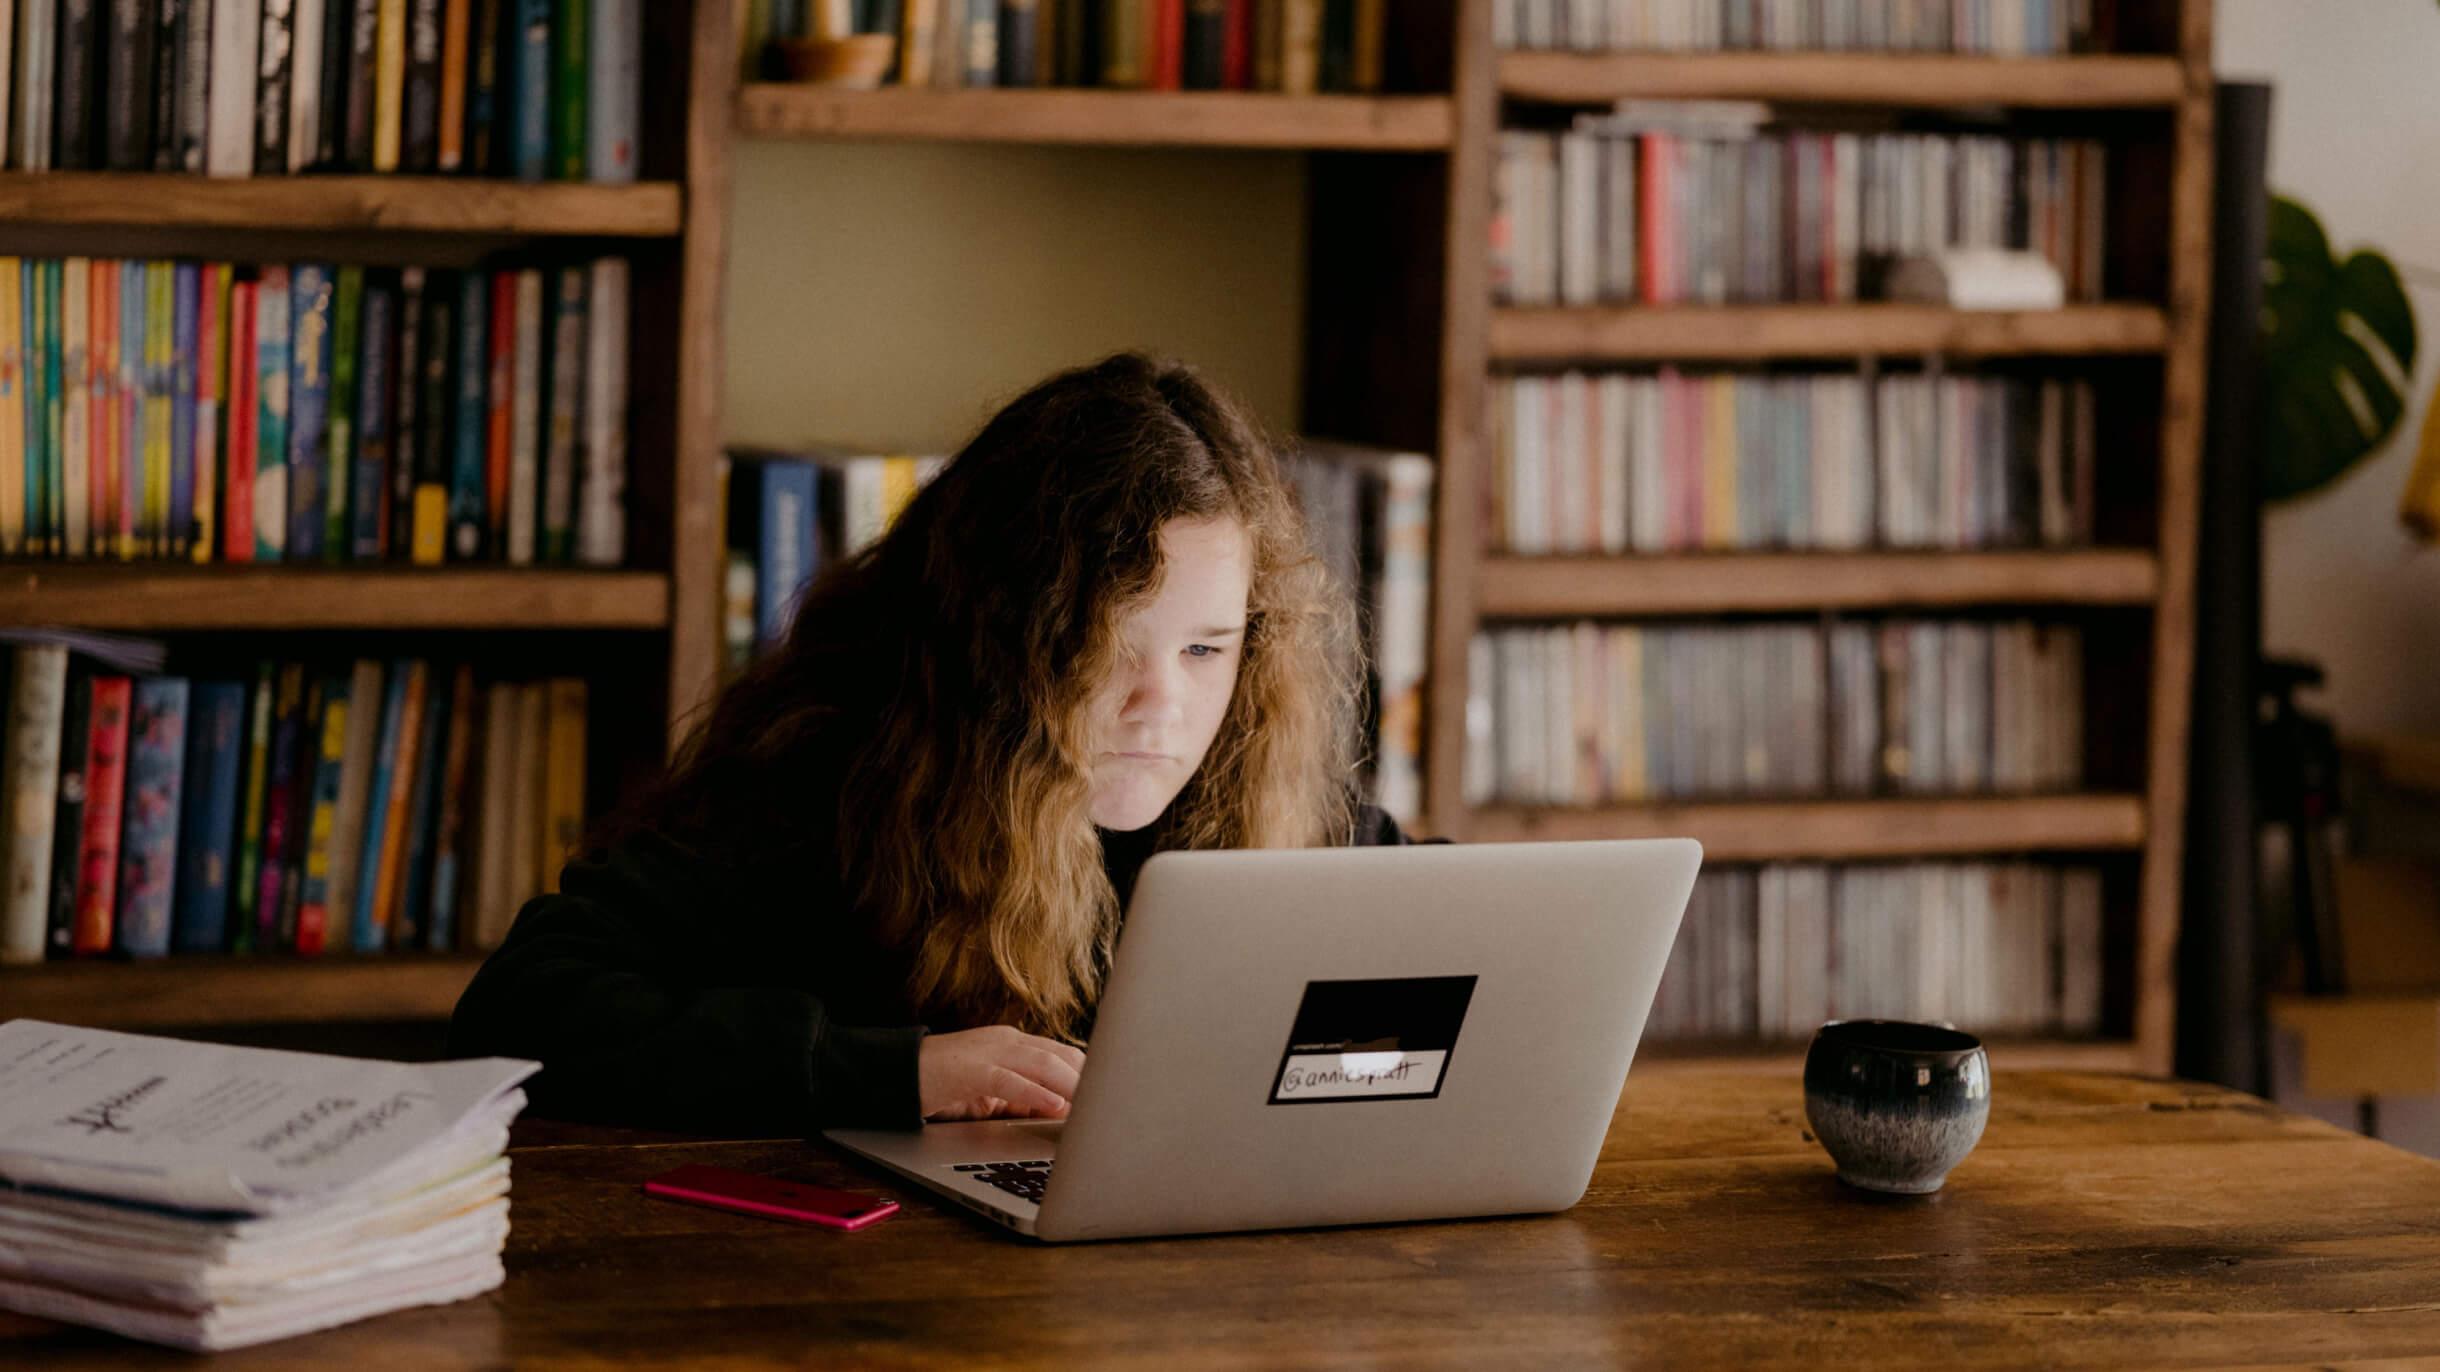 Без курсов и учебников: 5 советов, которые помогут сэкономить на изучении иностранного языка